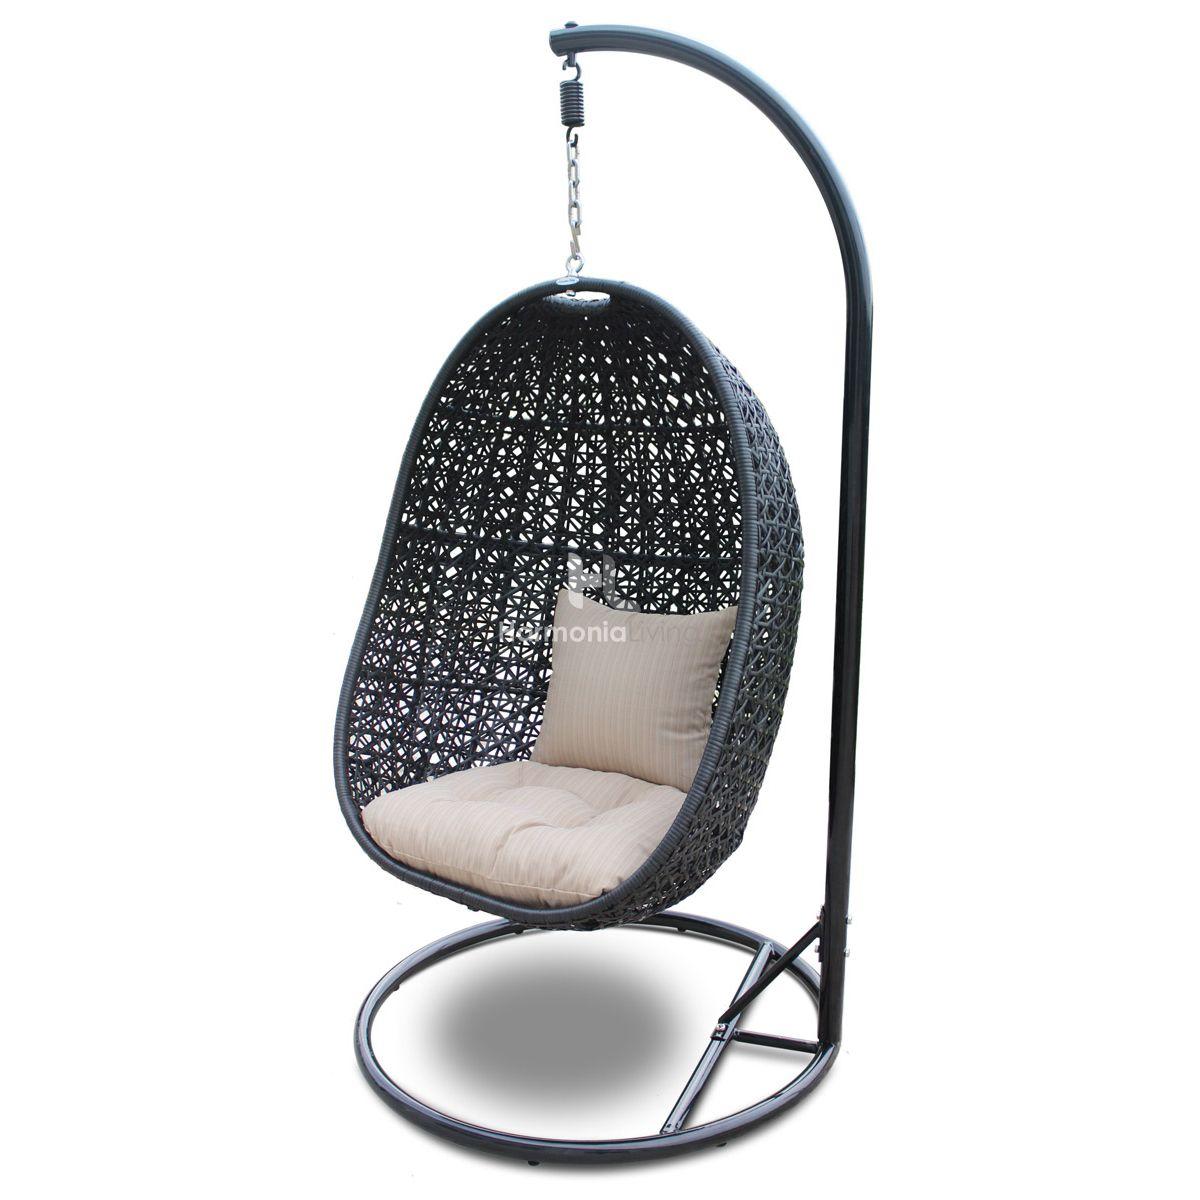 Hanging Basket Seat Wicker Furniture Hanging Chair Decor